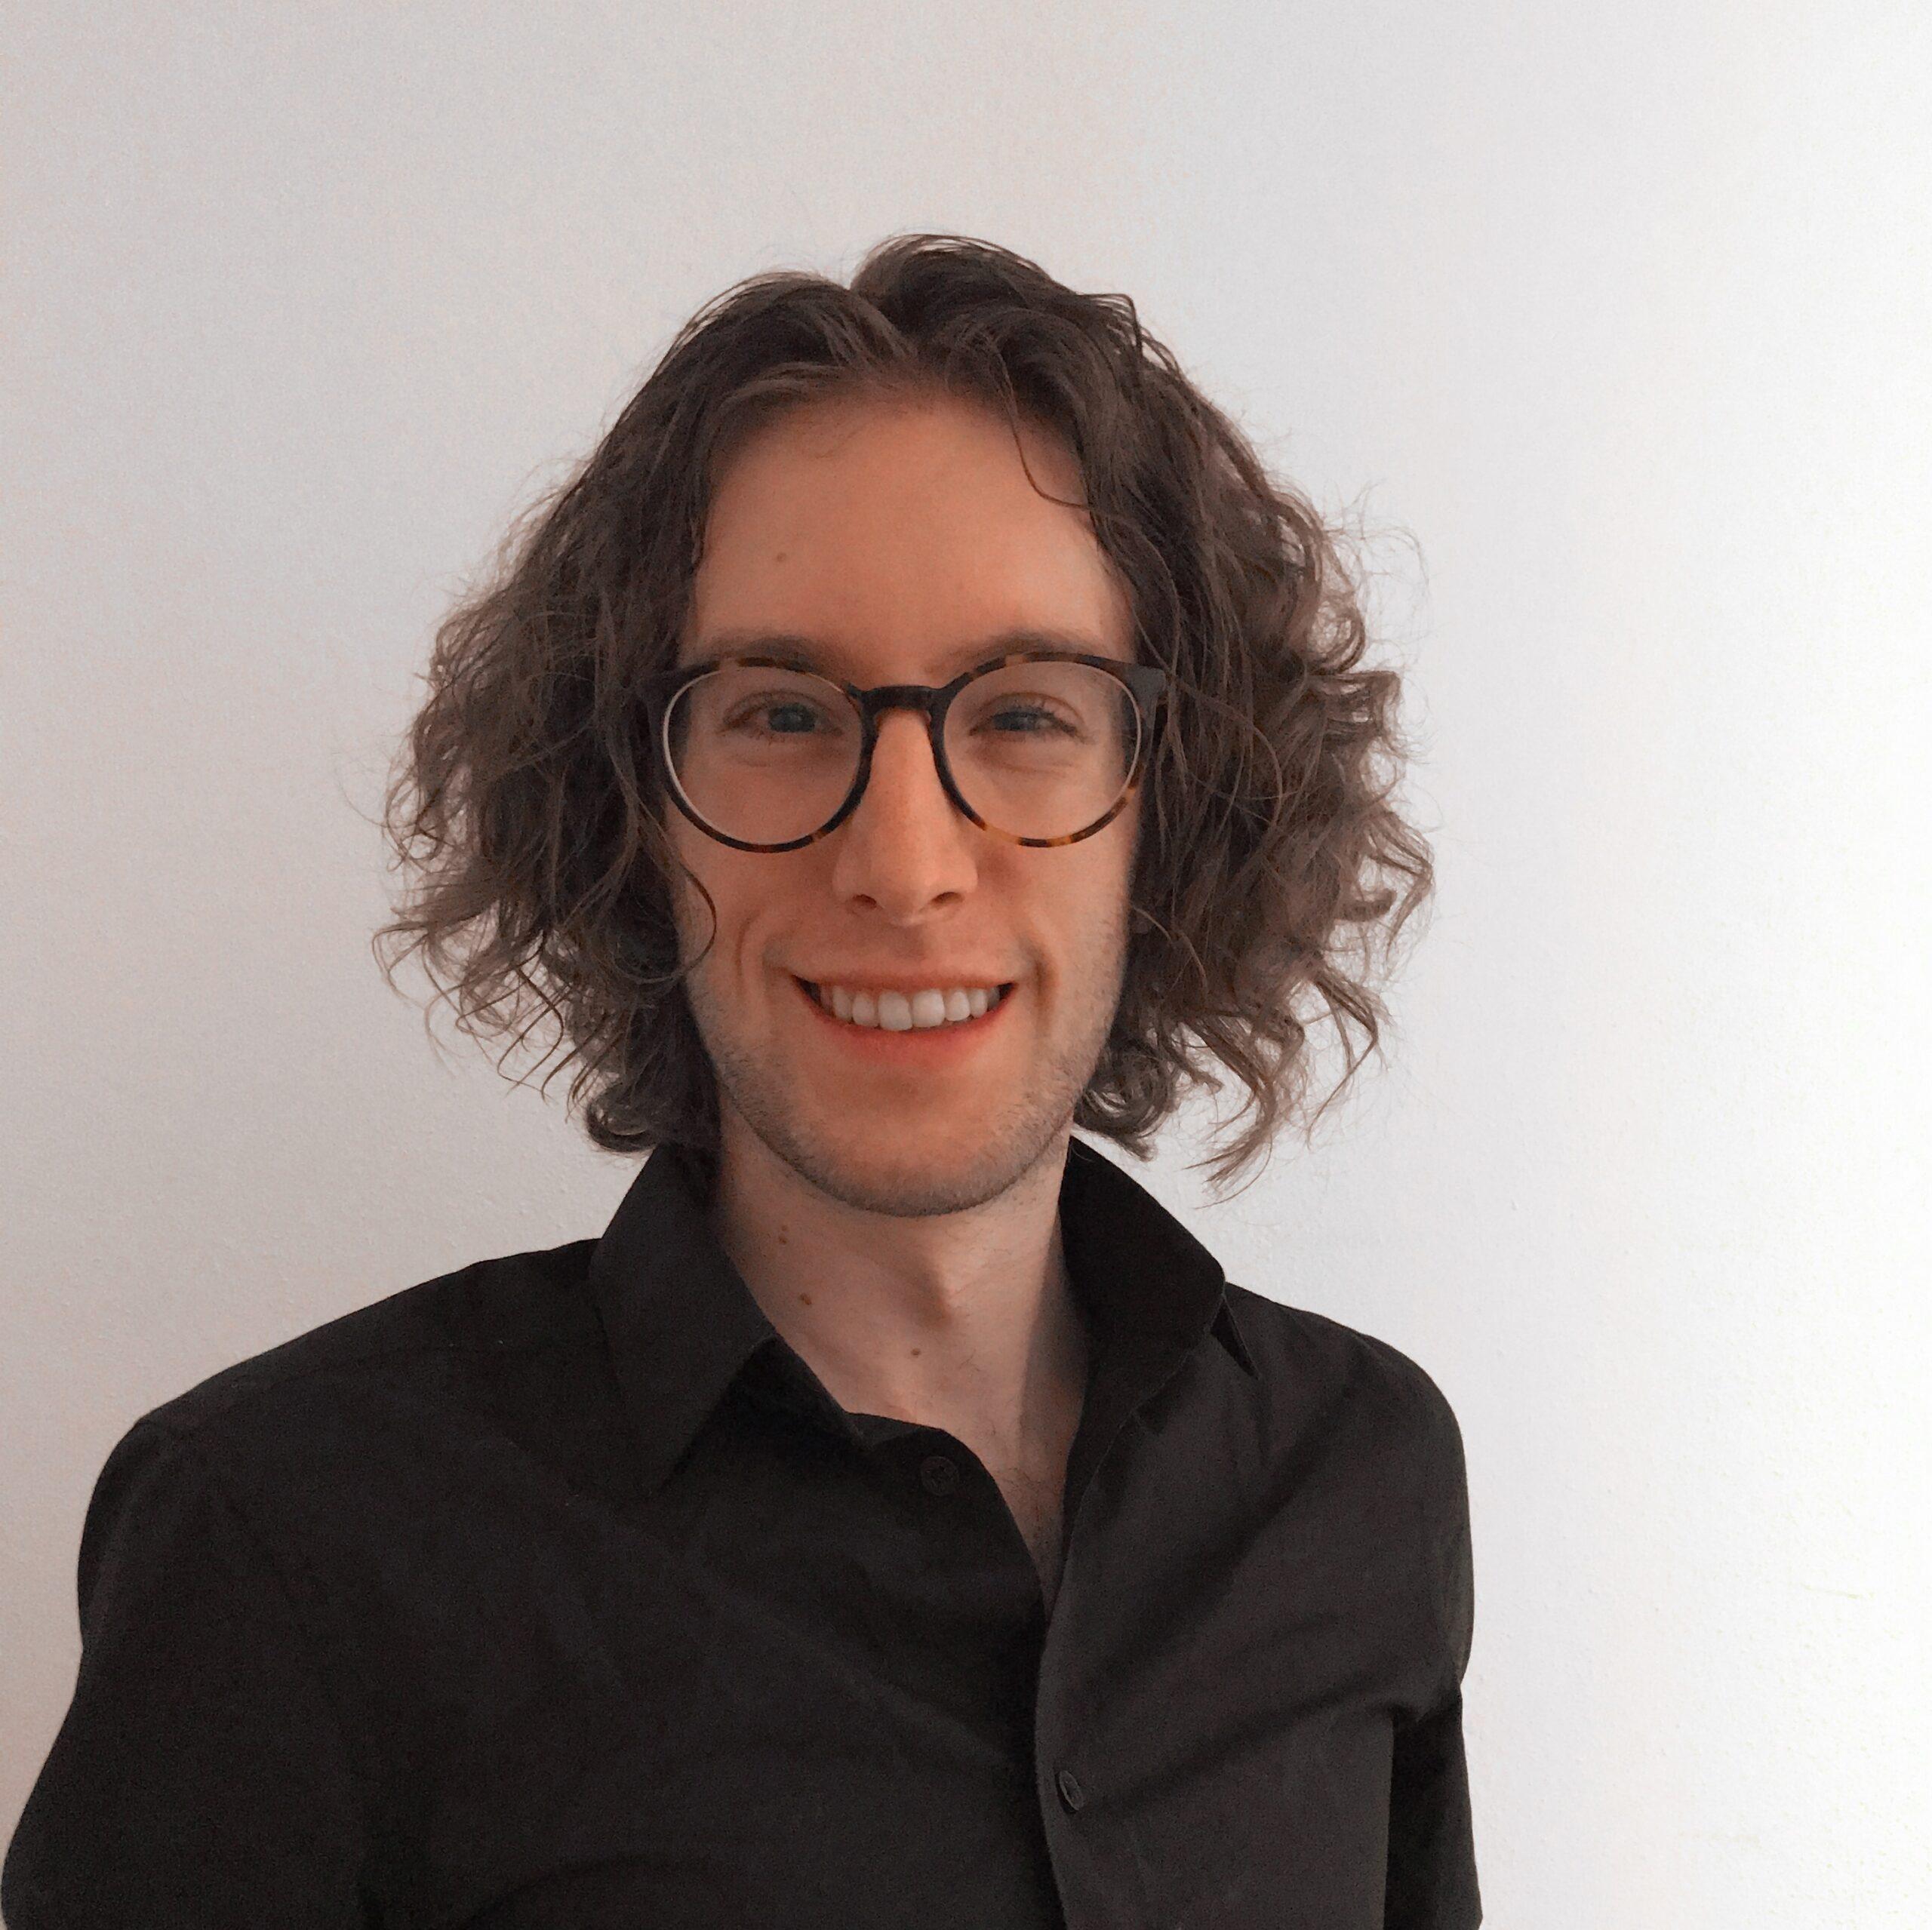 Marcel Pangerl